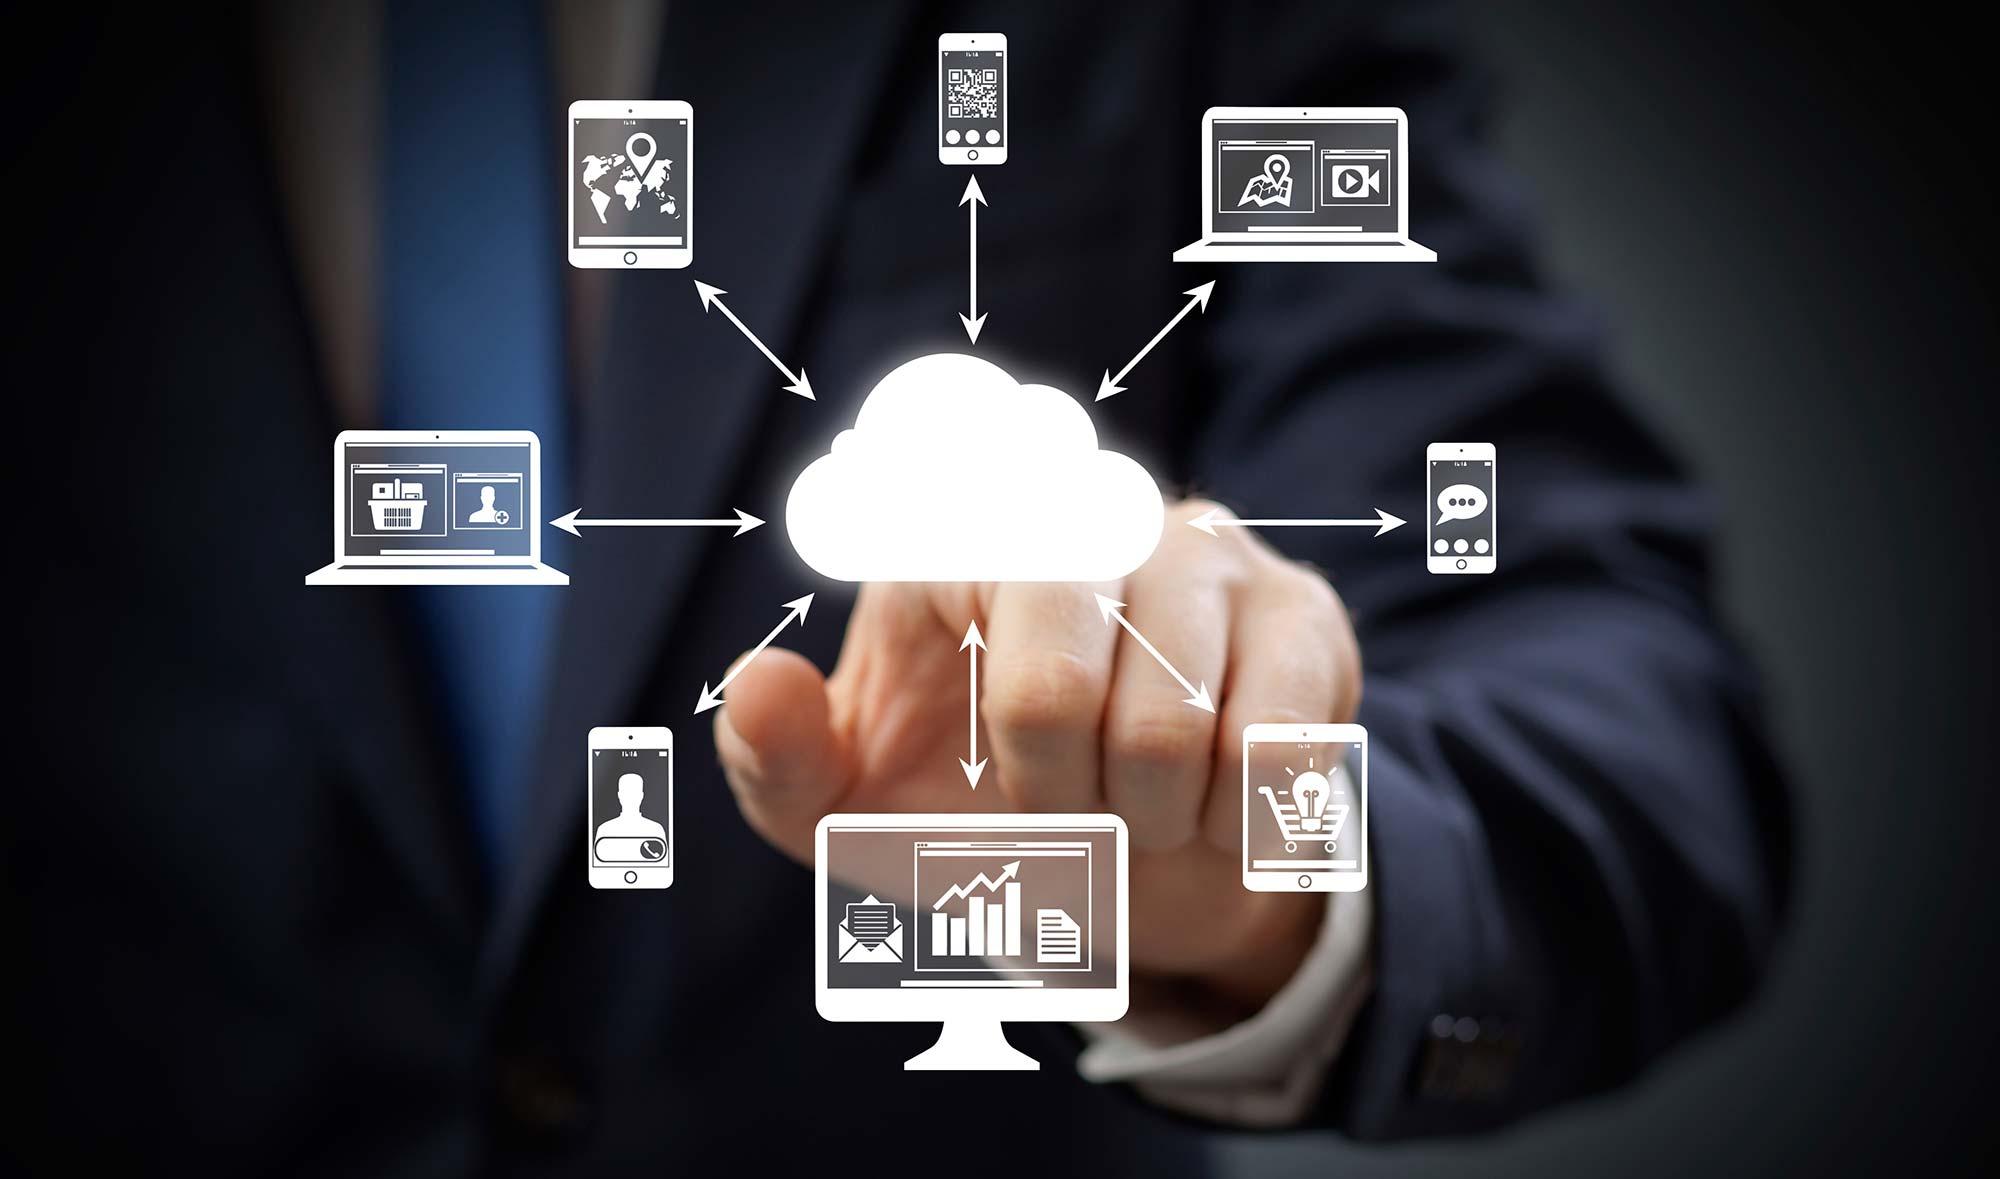 IBM Bluemix Platform as a Service